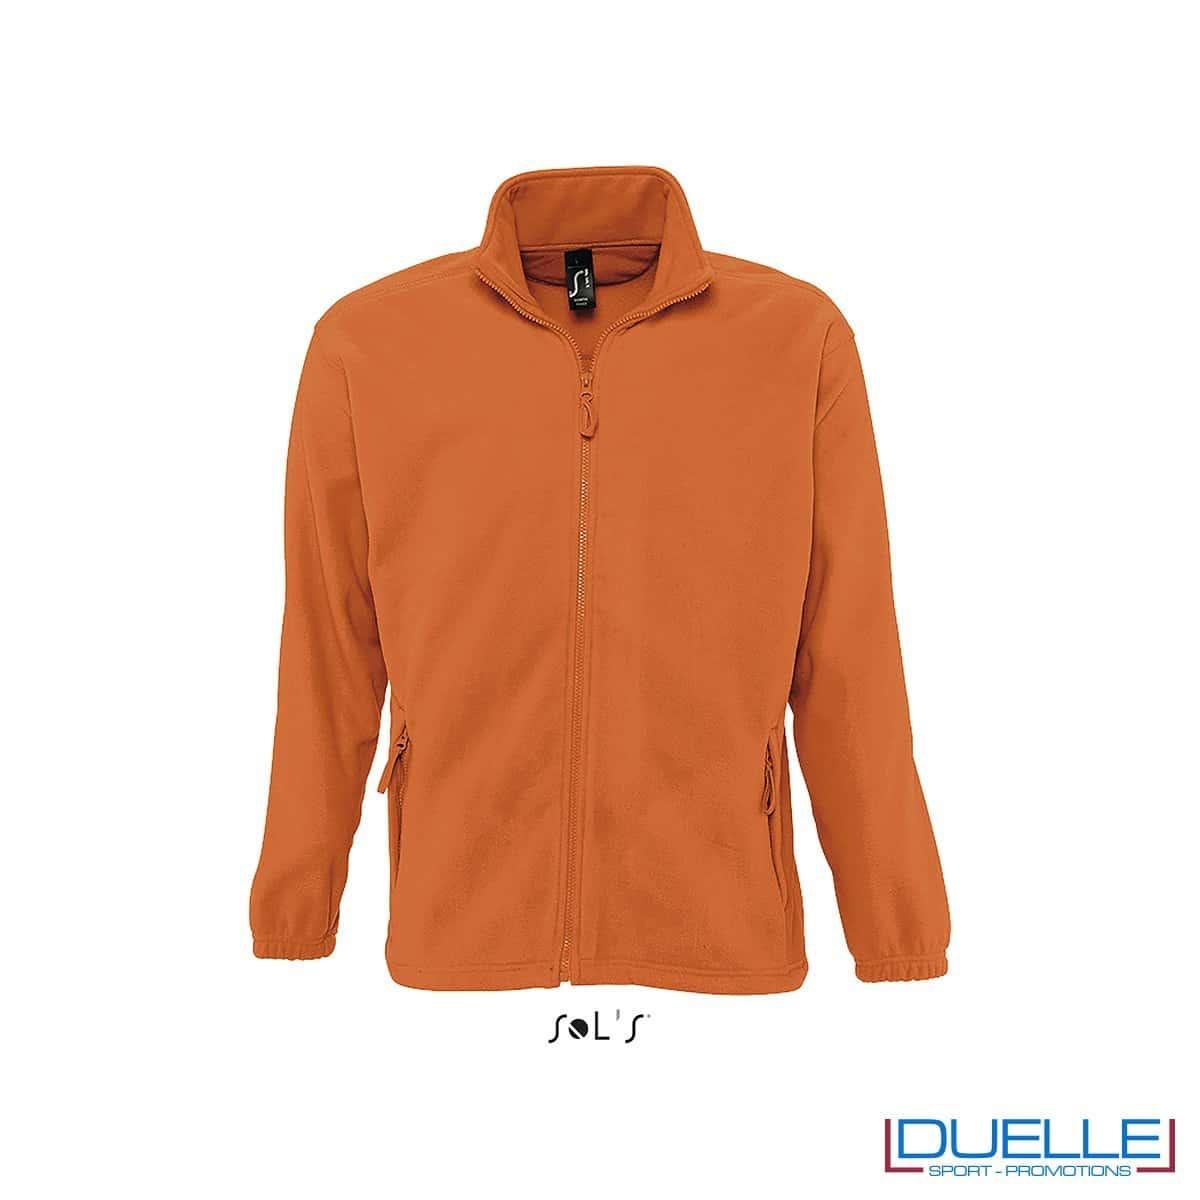 Felpa personalizzata pile uomo colore arancione